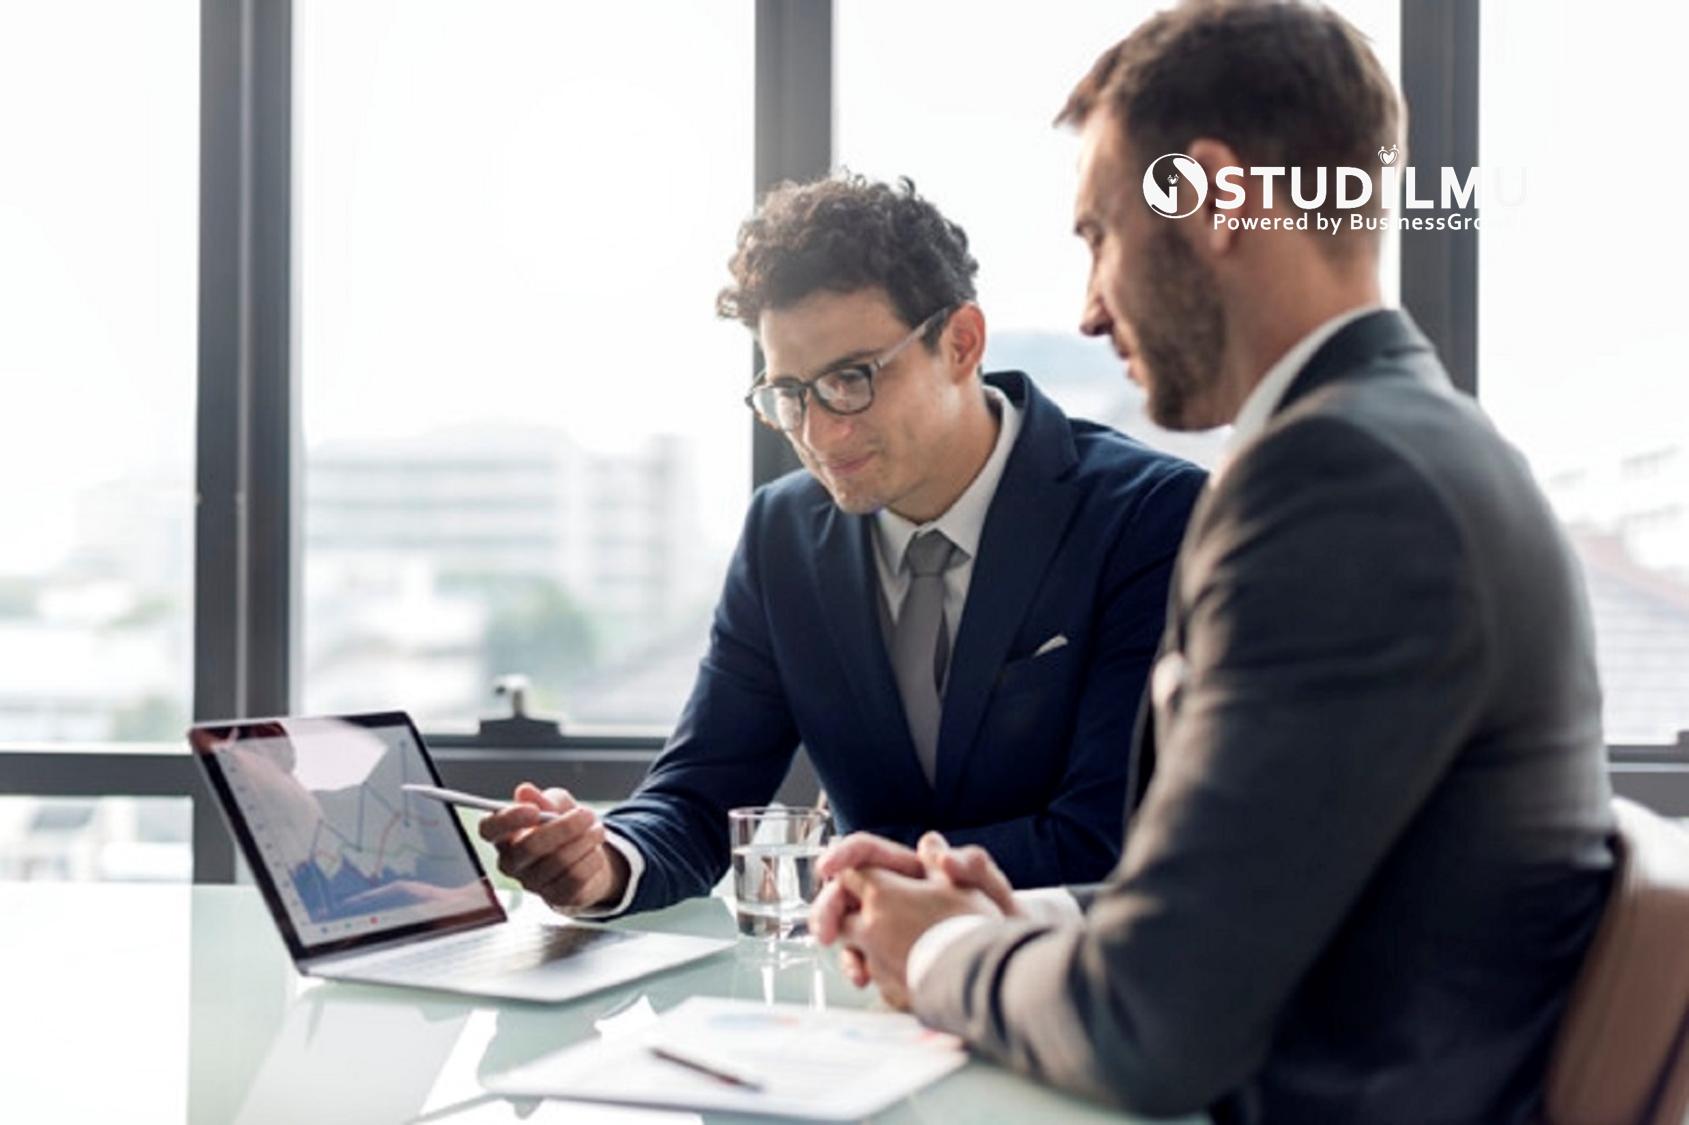 STUDILMU Career Advice - 10 Cara Mengembangkan Usaha melalui Persaingan Bisnis